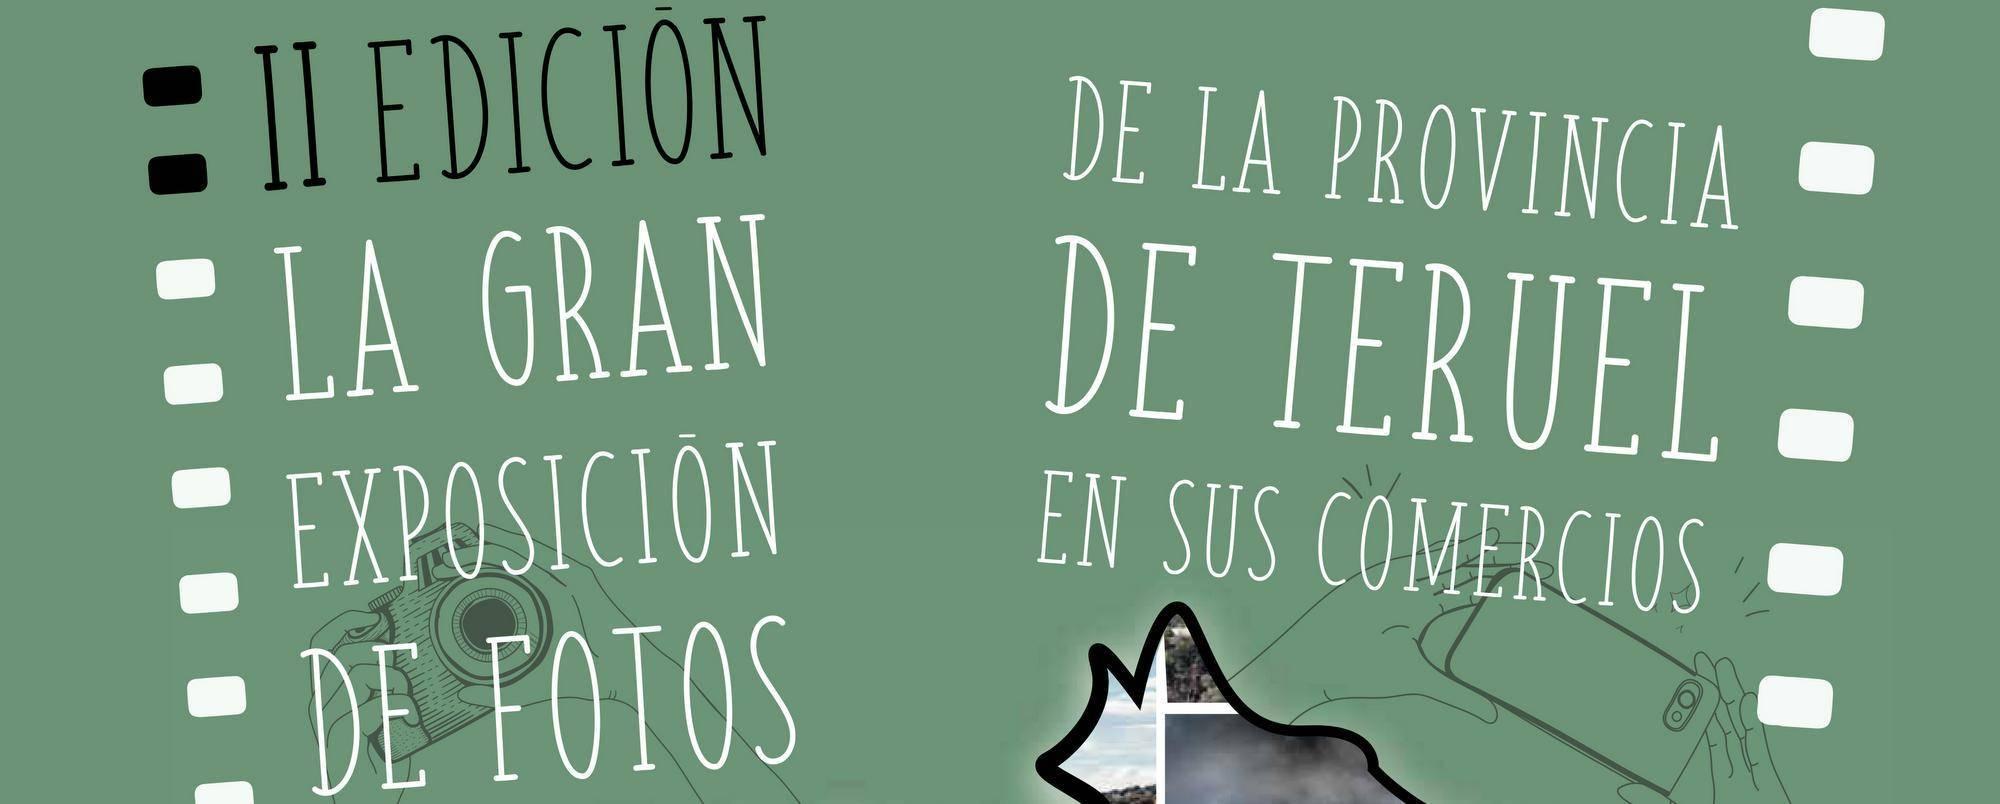 La II Gran Exposición de Fotos de la provincia de Teruel en sus comercios